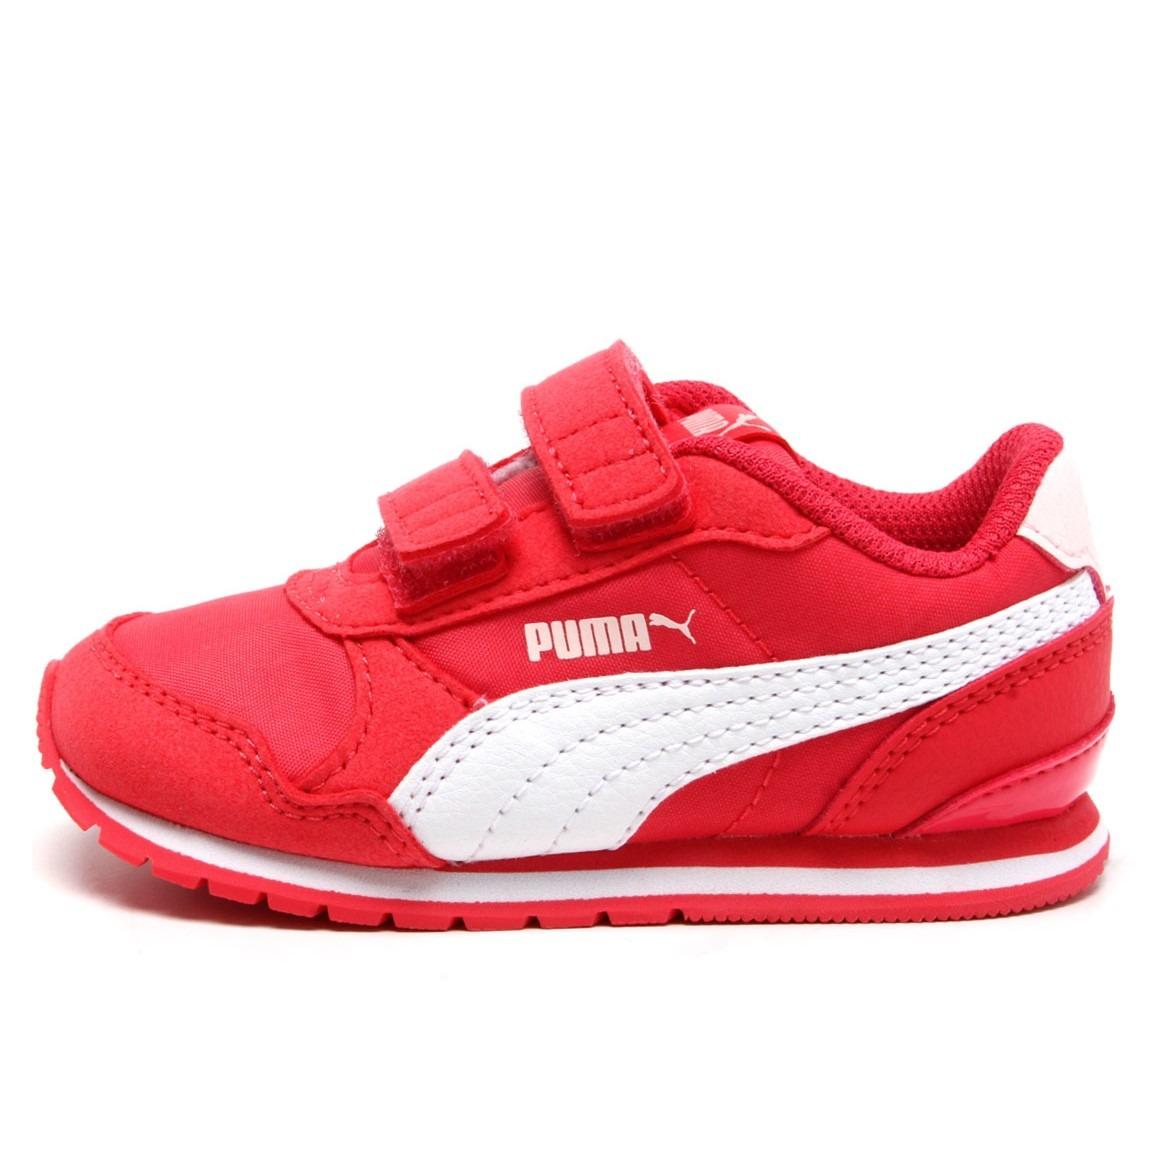 tênis puma st runner v2 nl pink branco feminino infantil. Carregando zoom. ae5e9da1497ed